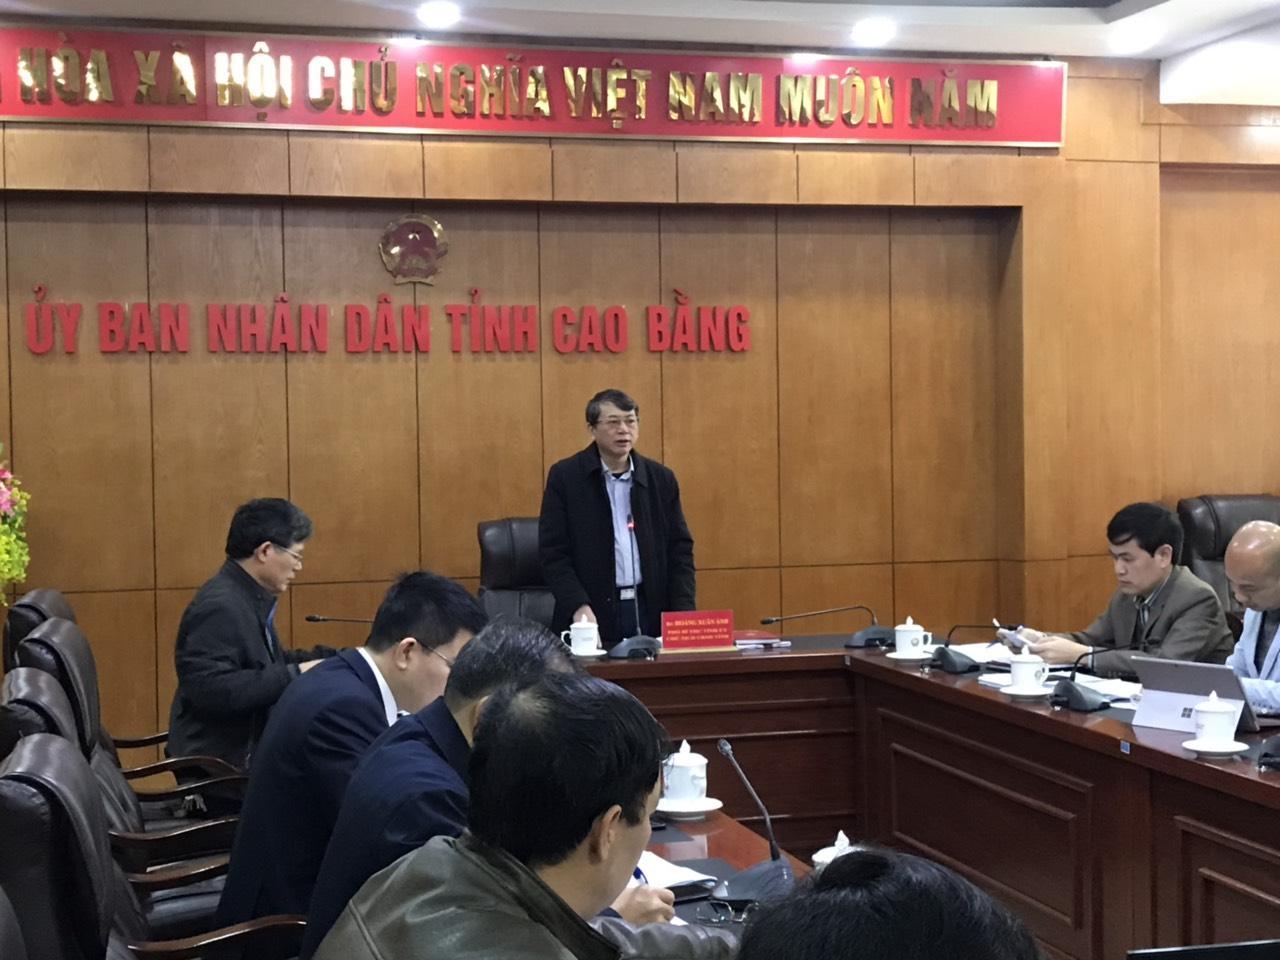 Đ/c Hoàng Xuân Ánh, Chủ tịch UBND tỉnh phát biểu kết luận cuộc họp